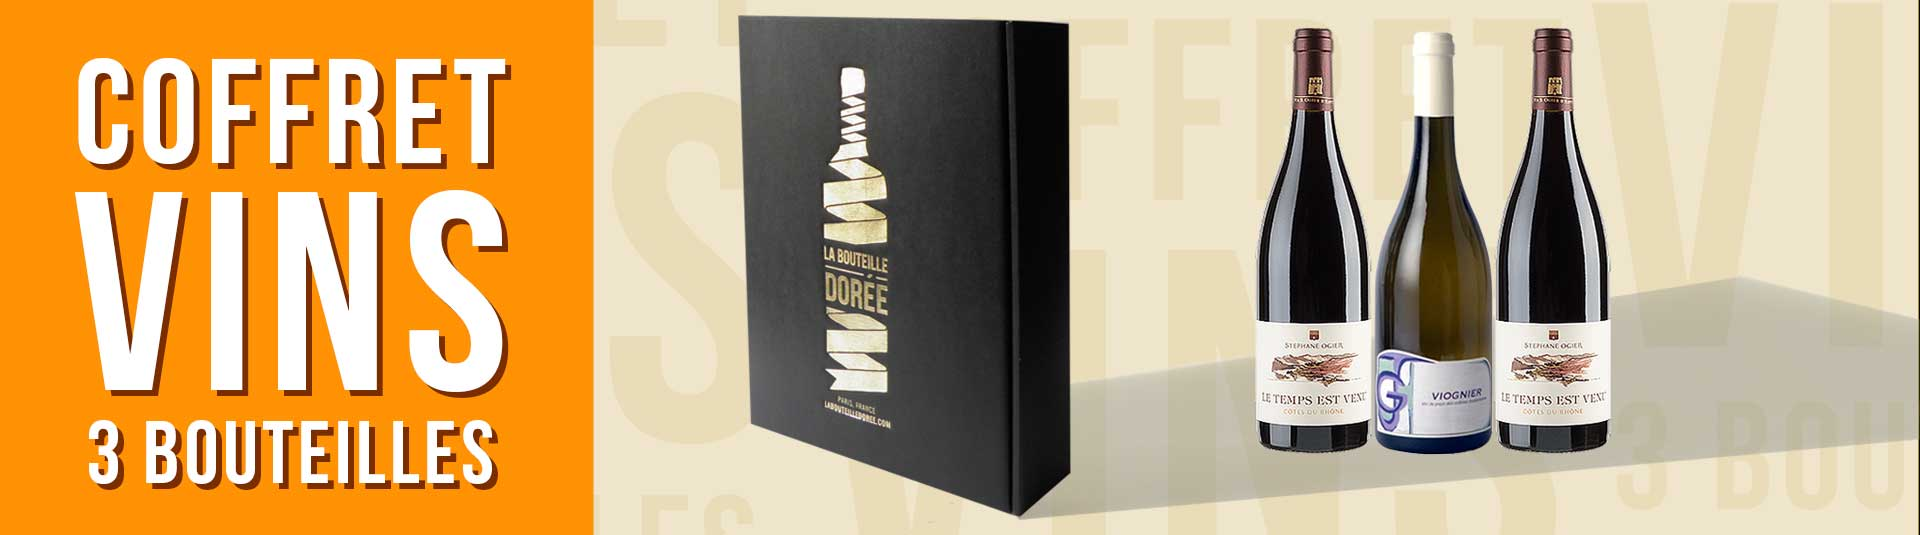 coffret vin Rhône 3 bouteilles cépages Viognier et Grenache